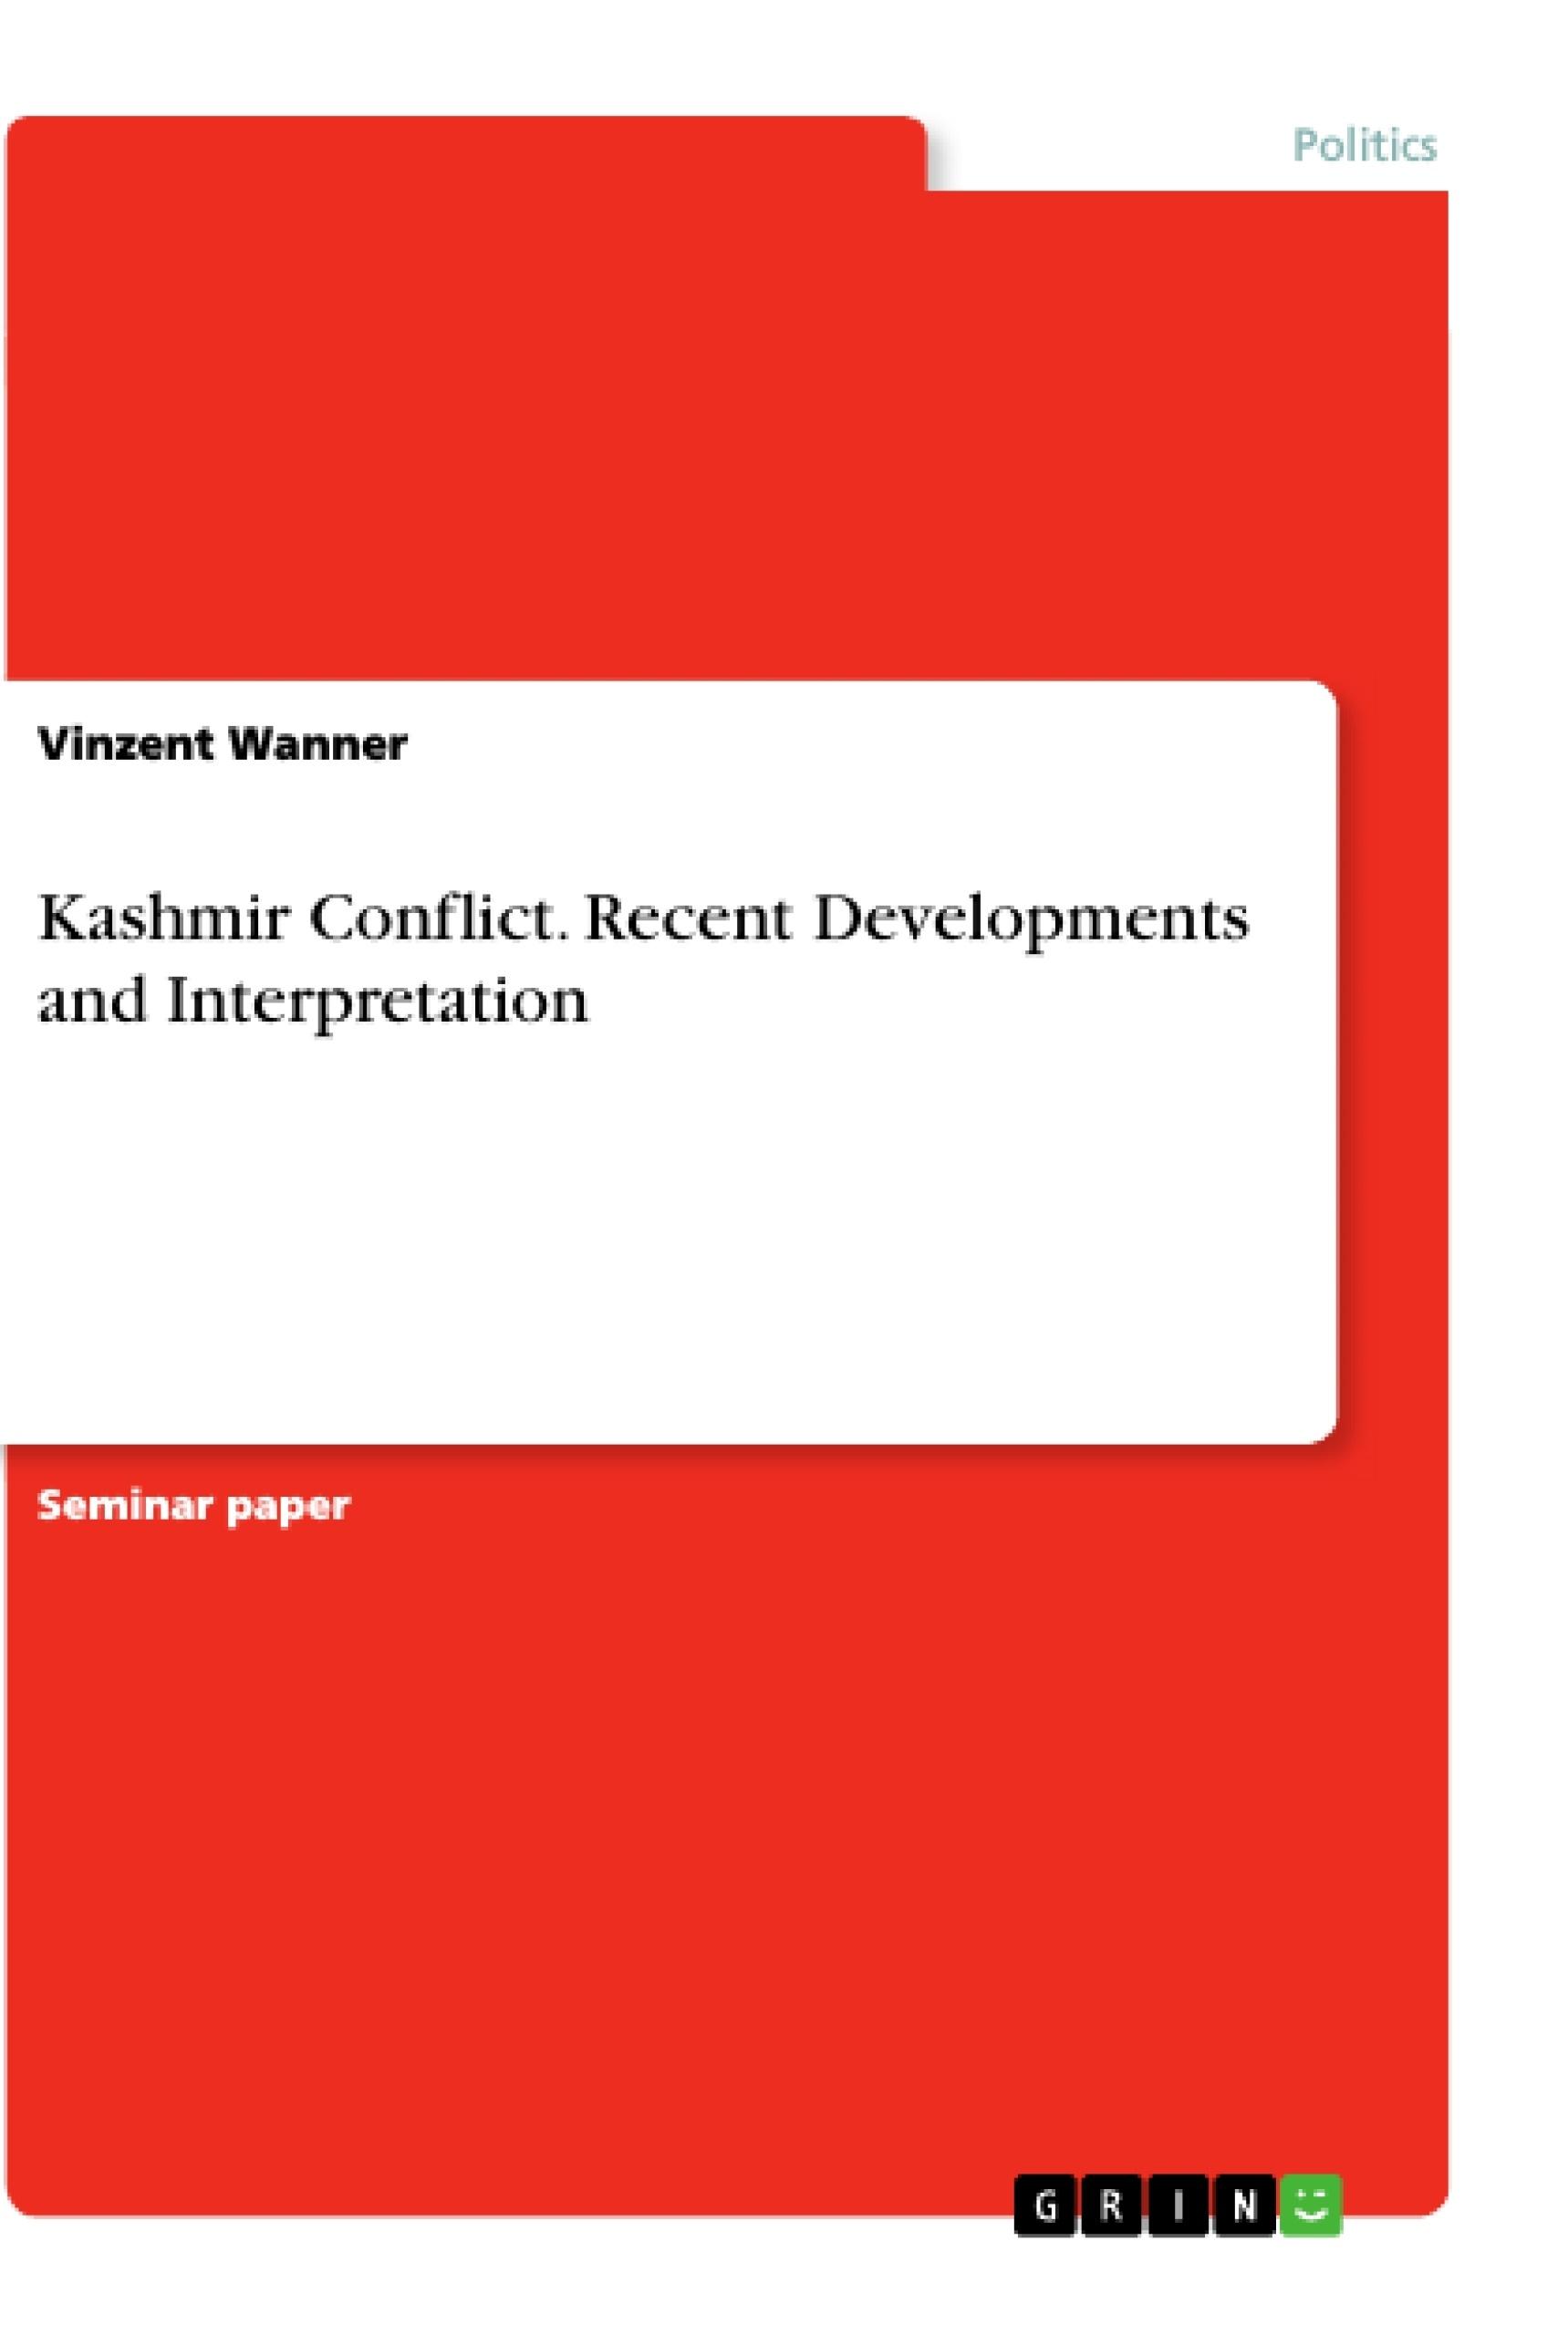 Title: Kashmir Conflict. Recent Developments and Interpretation